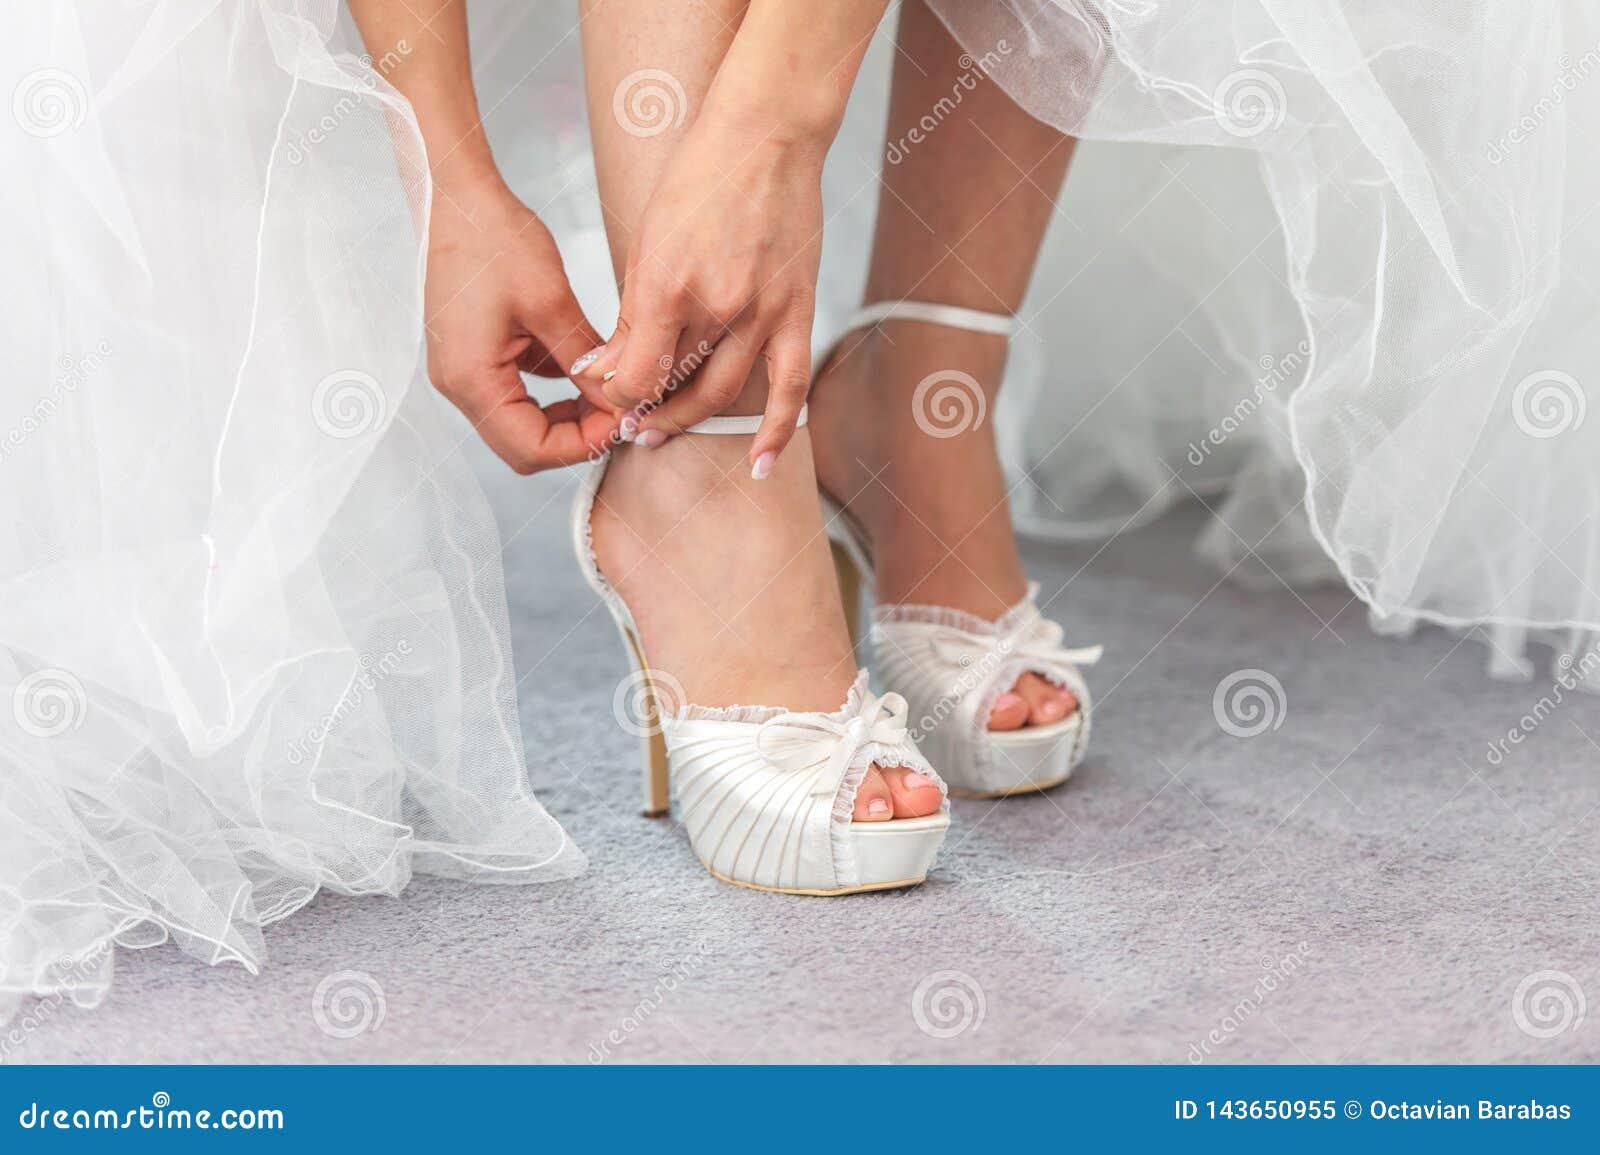 Cinghia di chiusura della scarpa di nozze della sposa